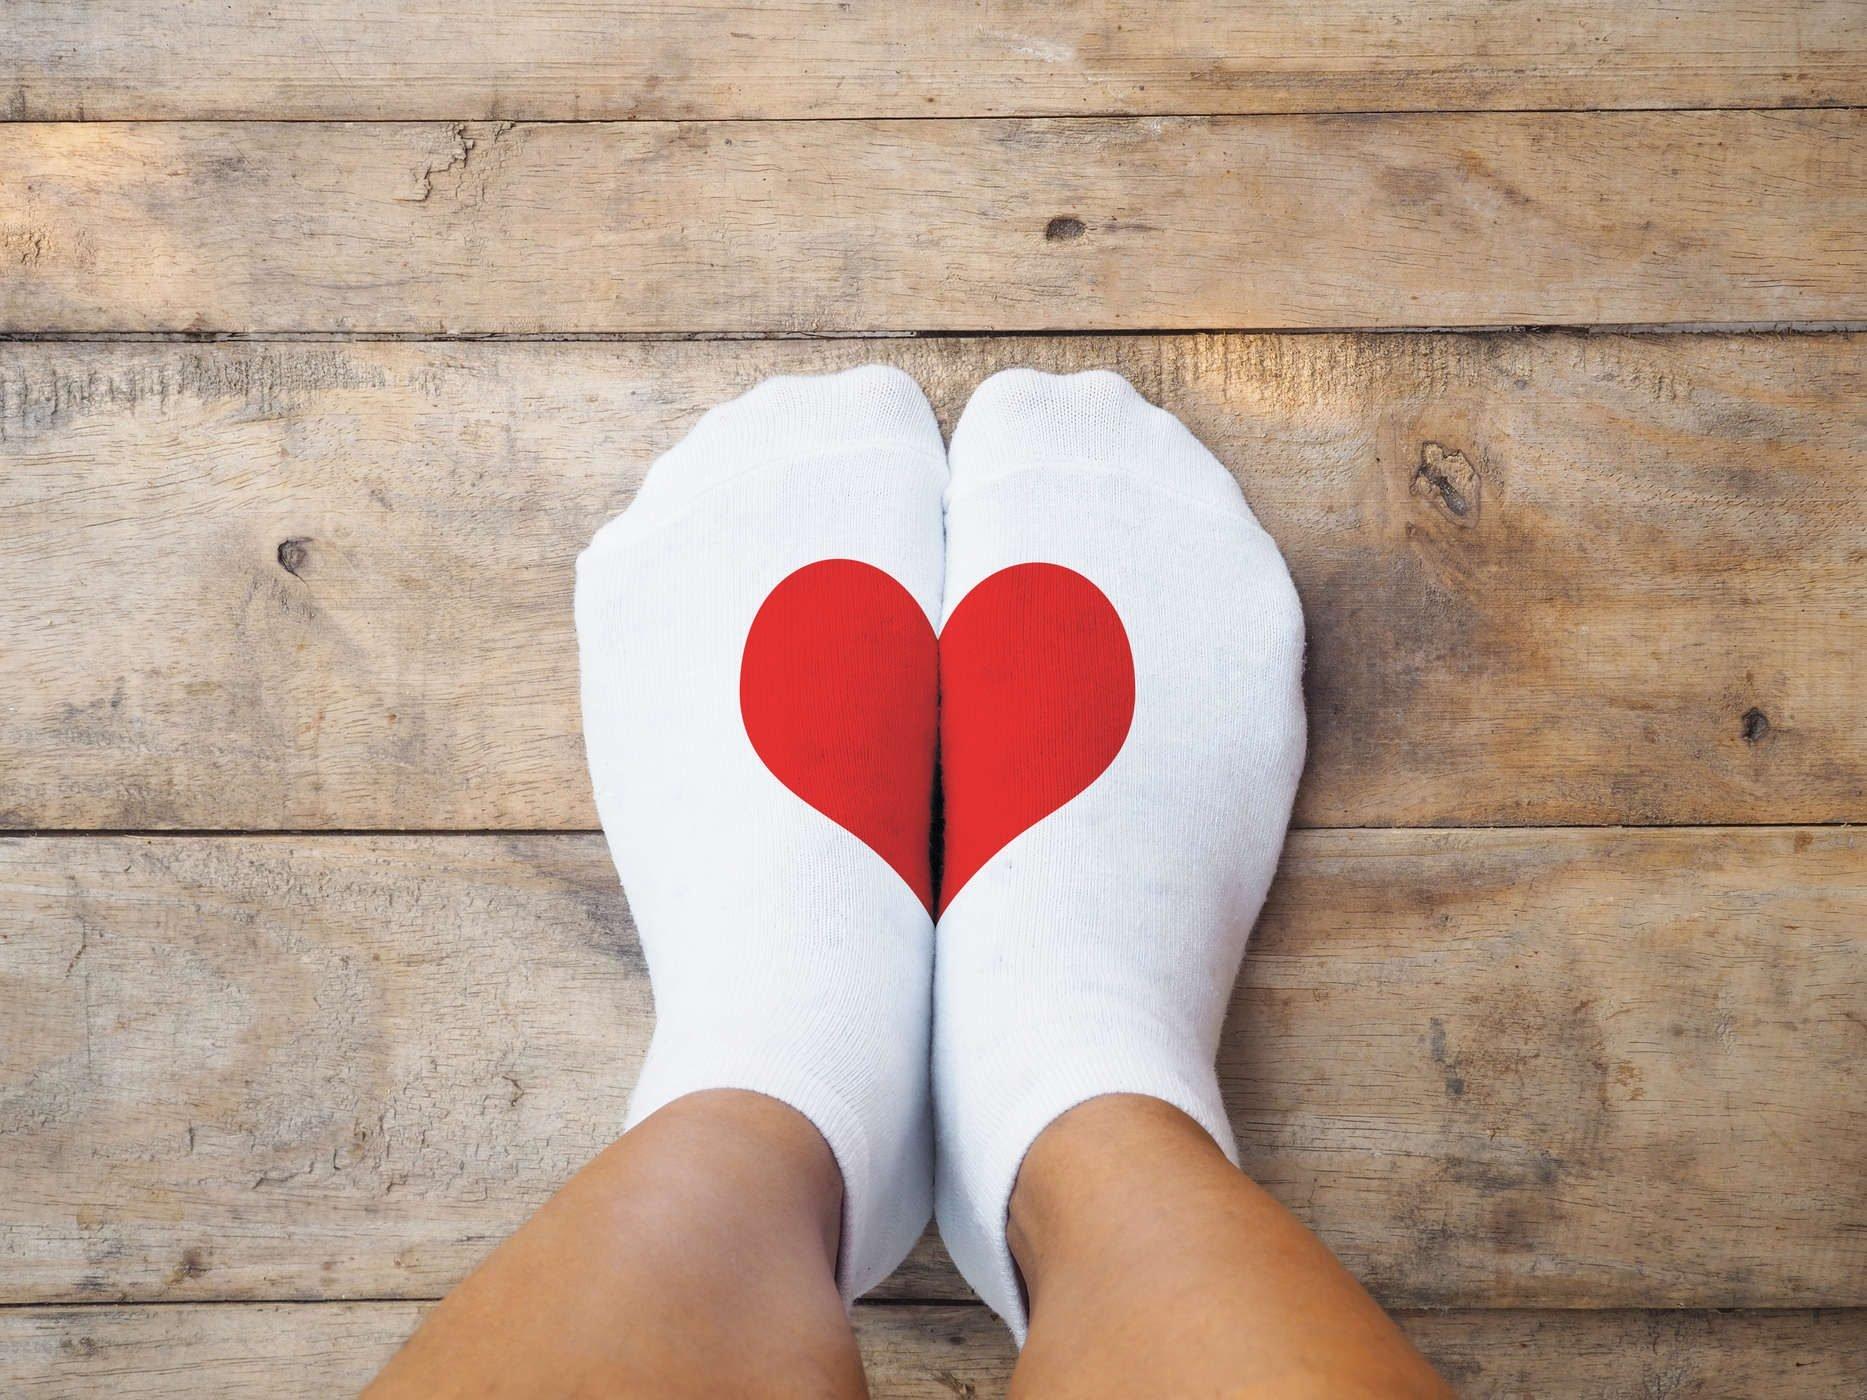 11 cách đơn giản giúp bạn thêm yêu bản thân